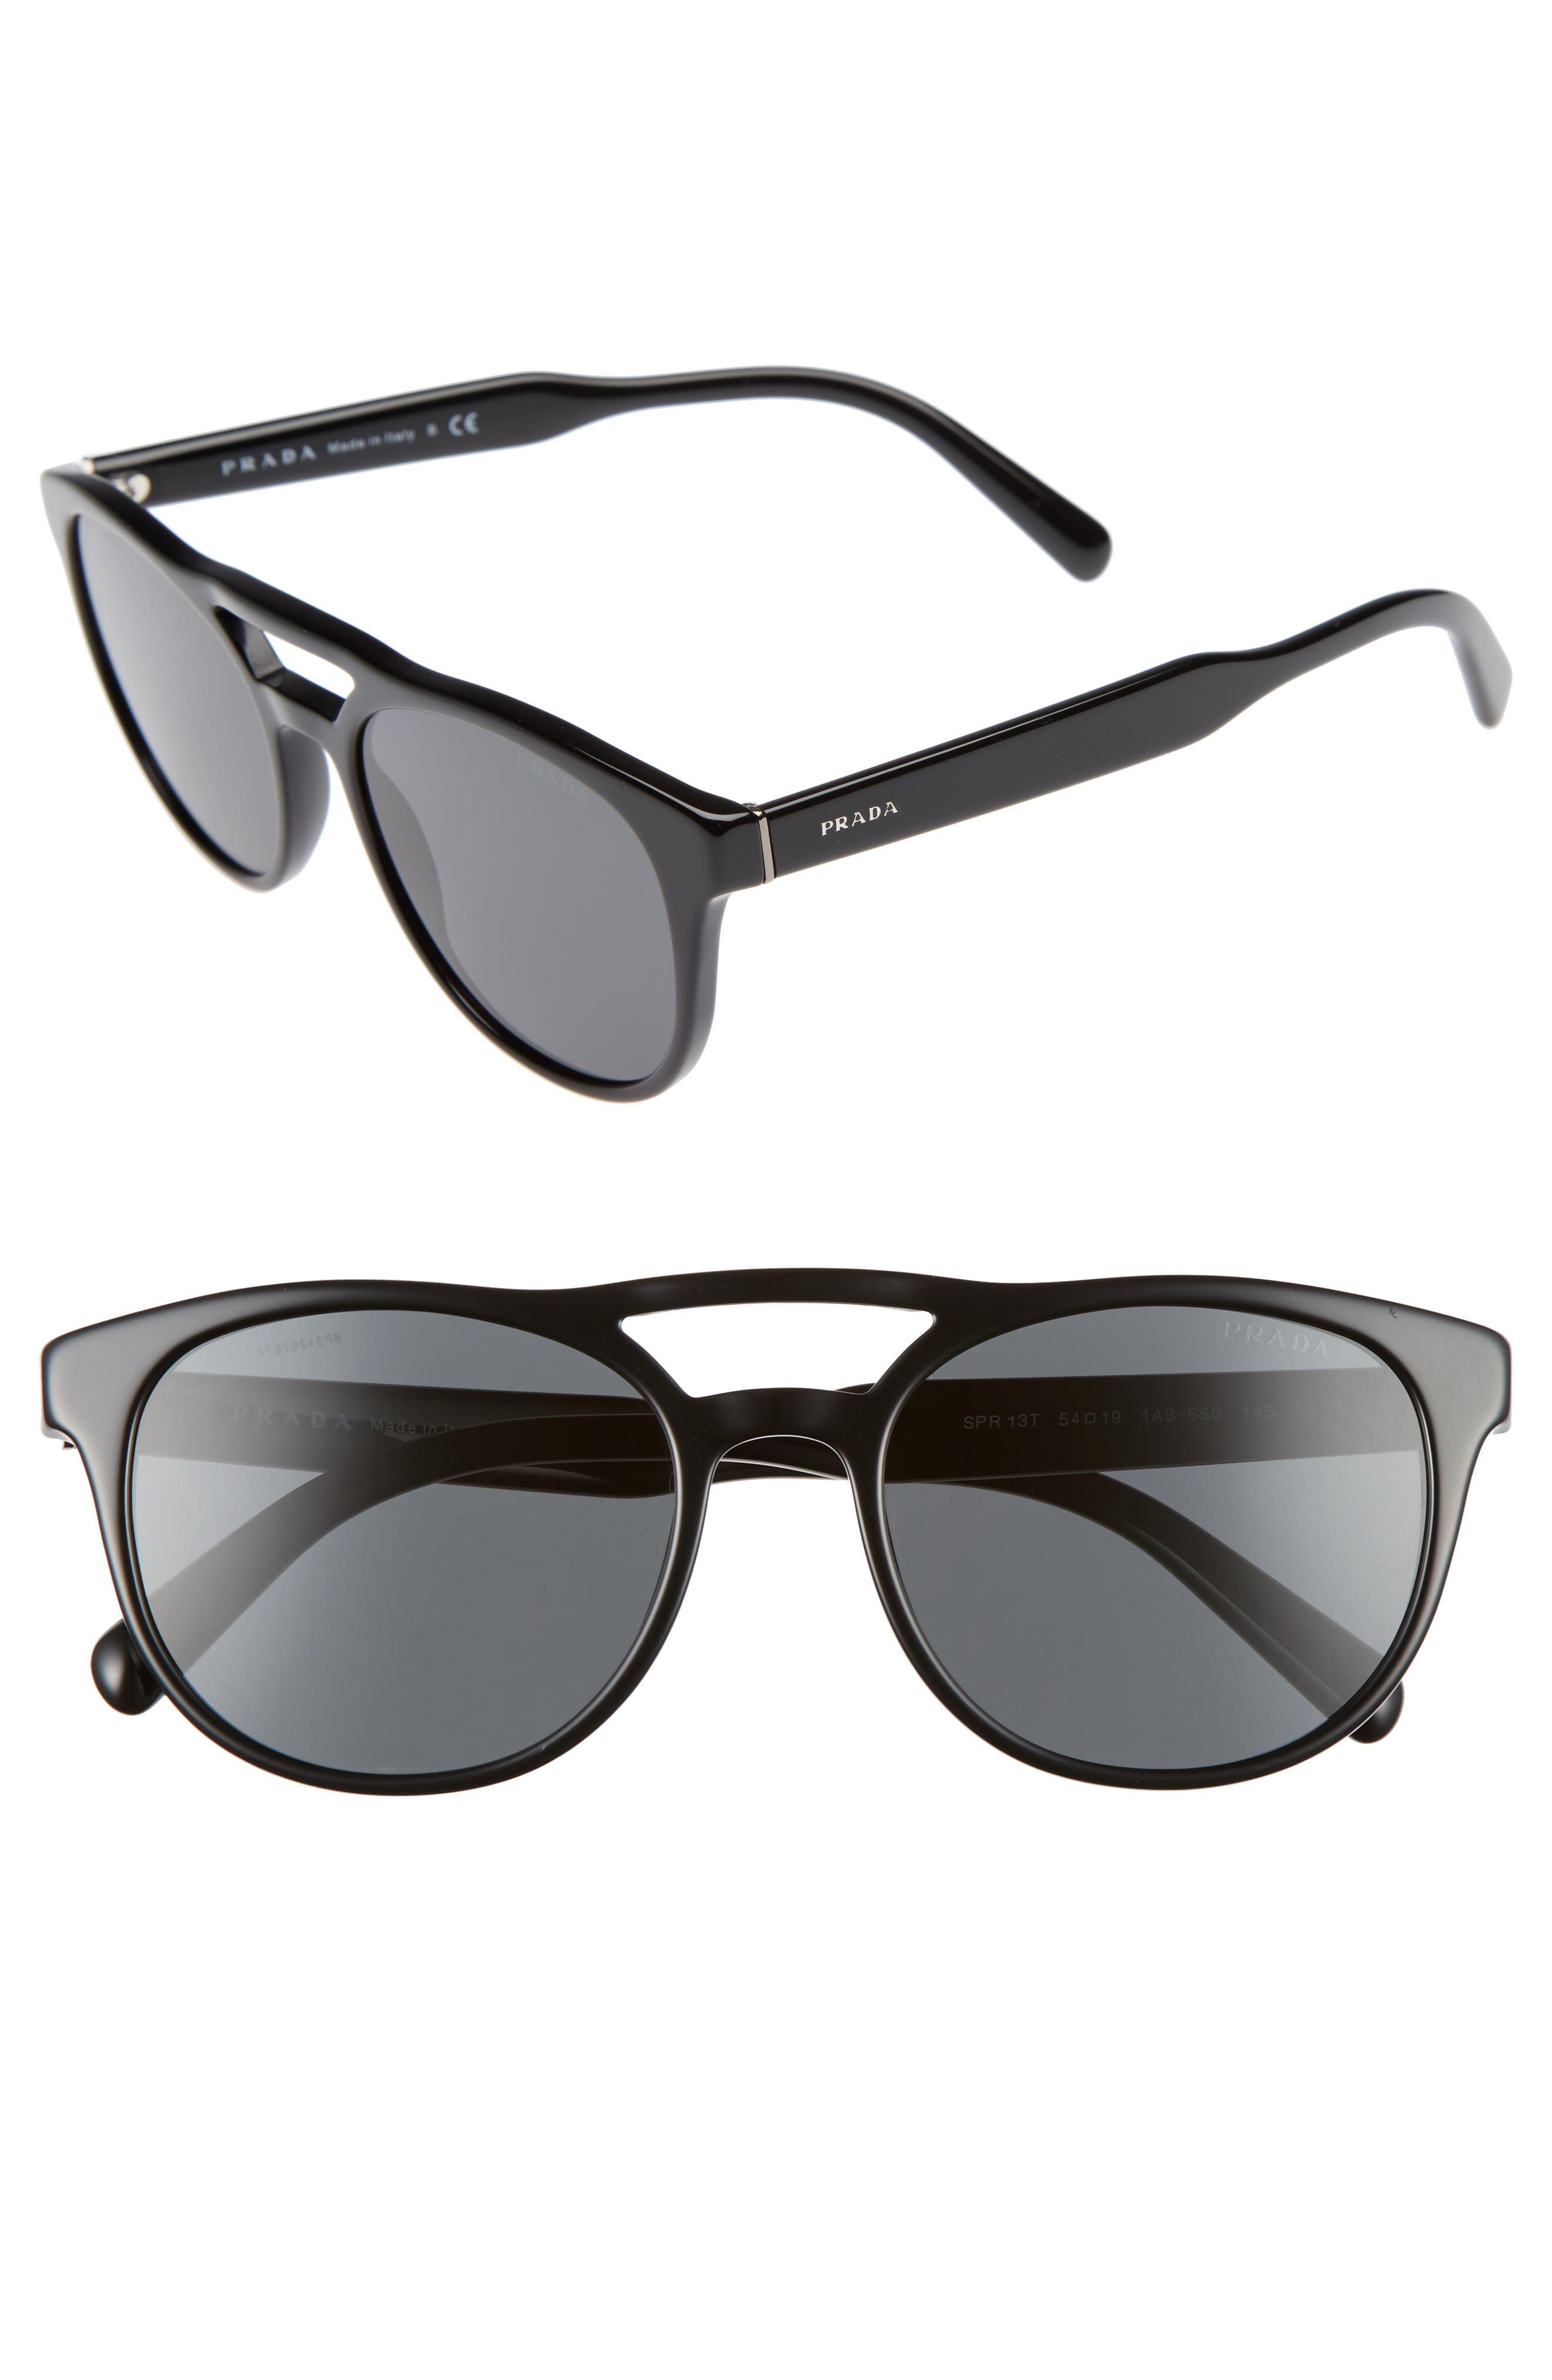 54mm Square Sunglasses,                         Main,                         color, 001